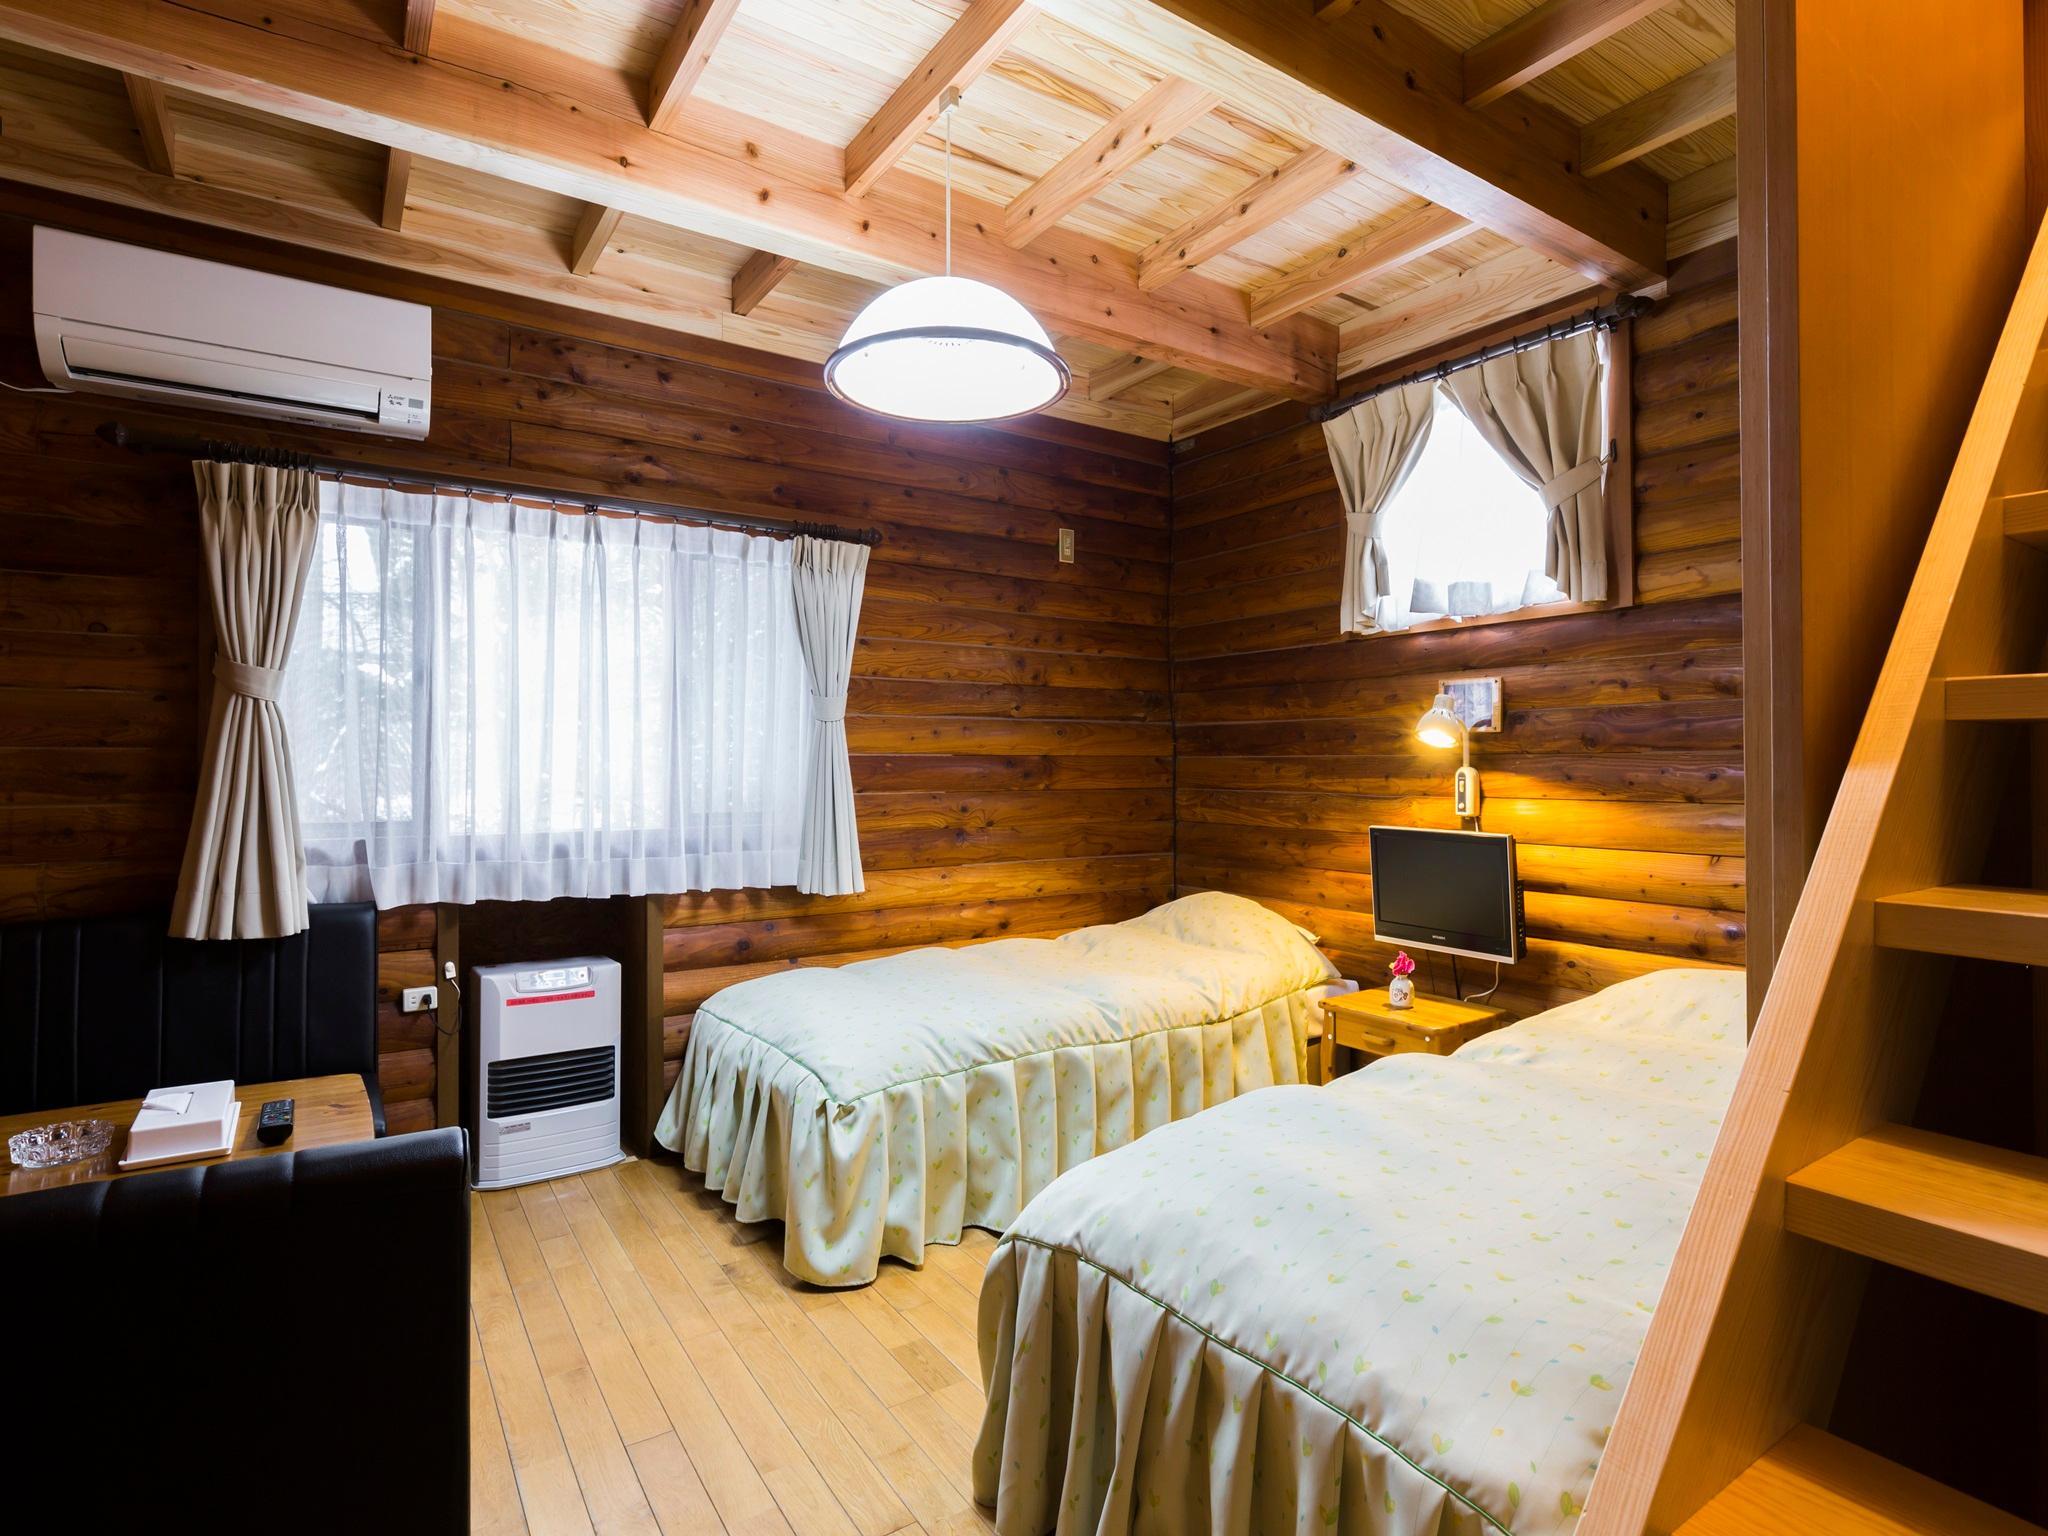 コテージ イン ログキャビン cottage inn log cabin クチコミあり